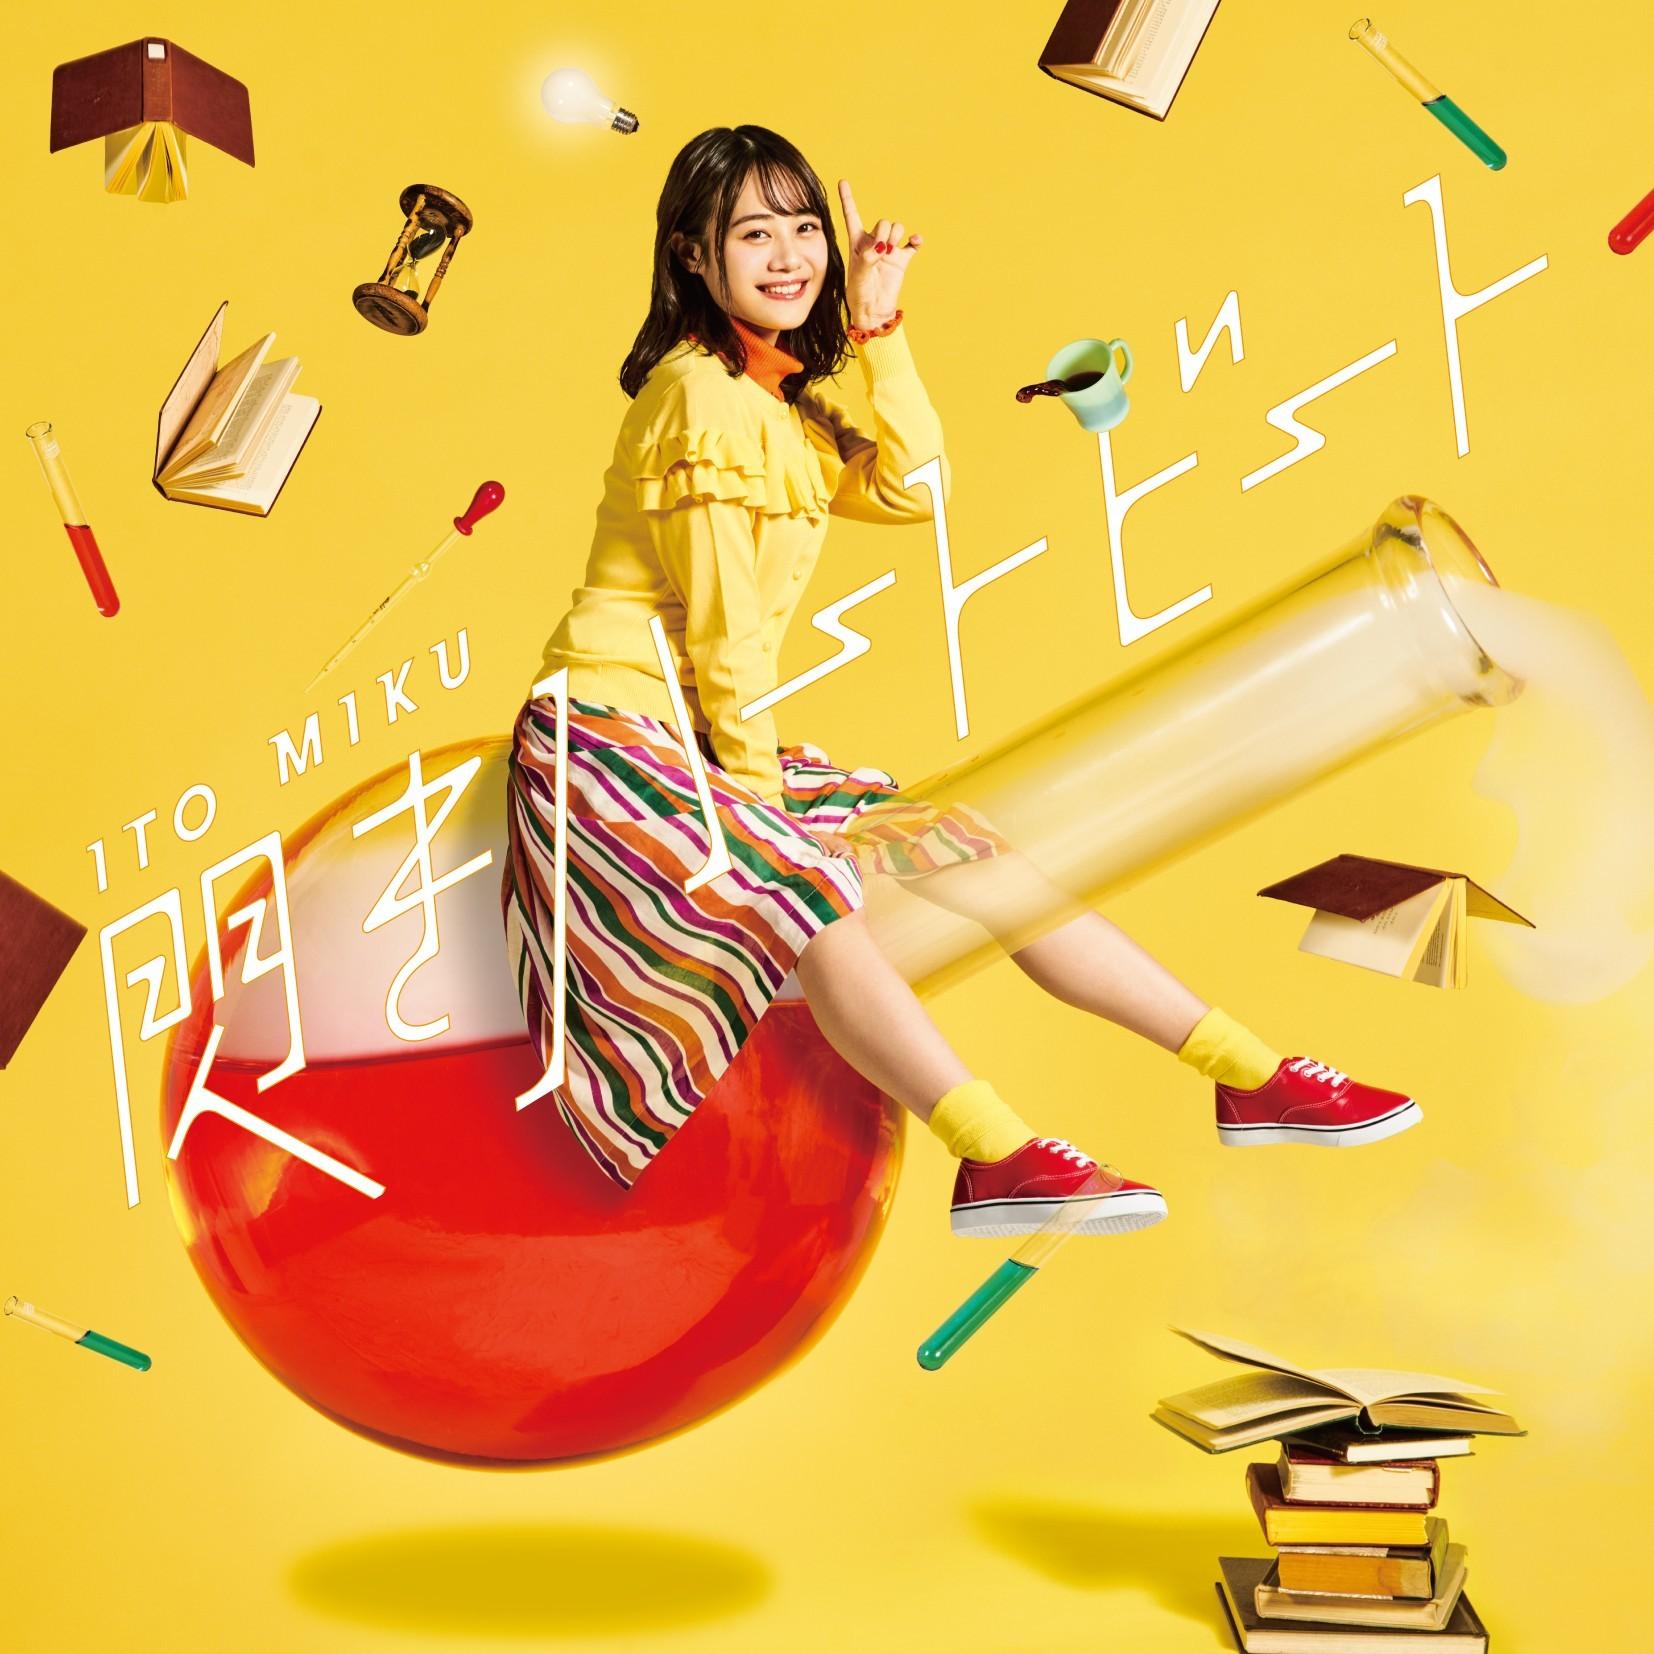 伊藤美来5thシングル「閃きハートビート」【DVD付き限定盤】ジャケット